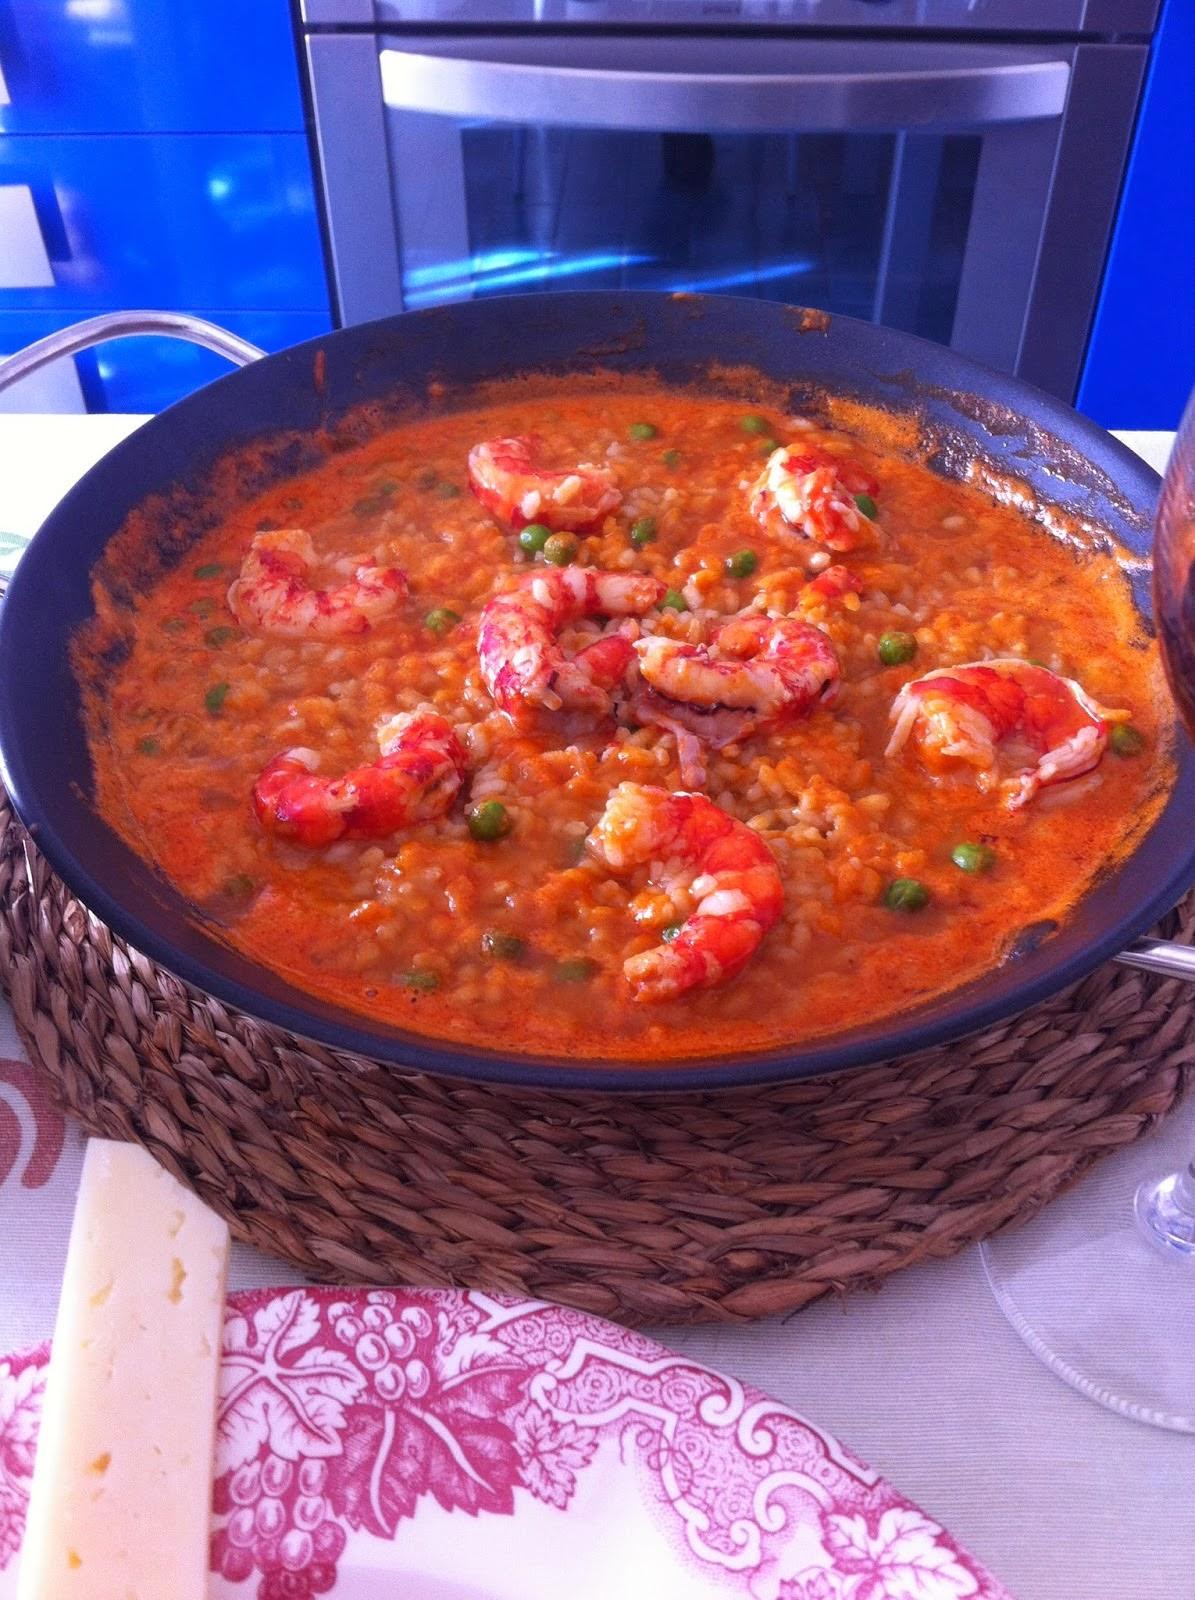 http://lashermanasyunamarx.blogspot.com.es/2014/04/arroz-con-carabineros.html